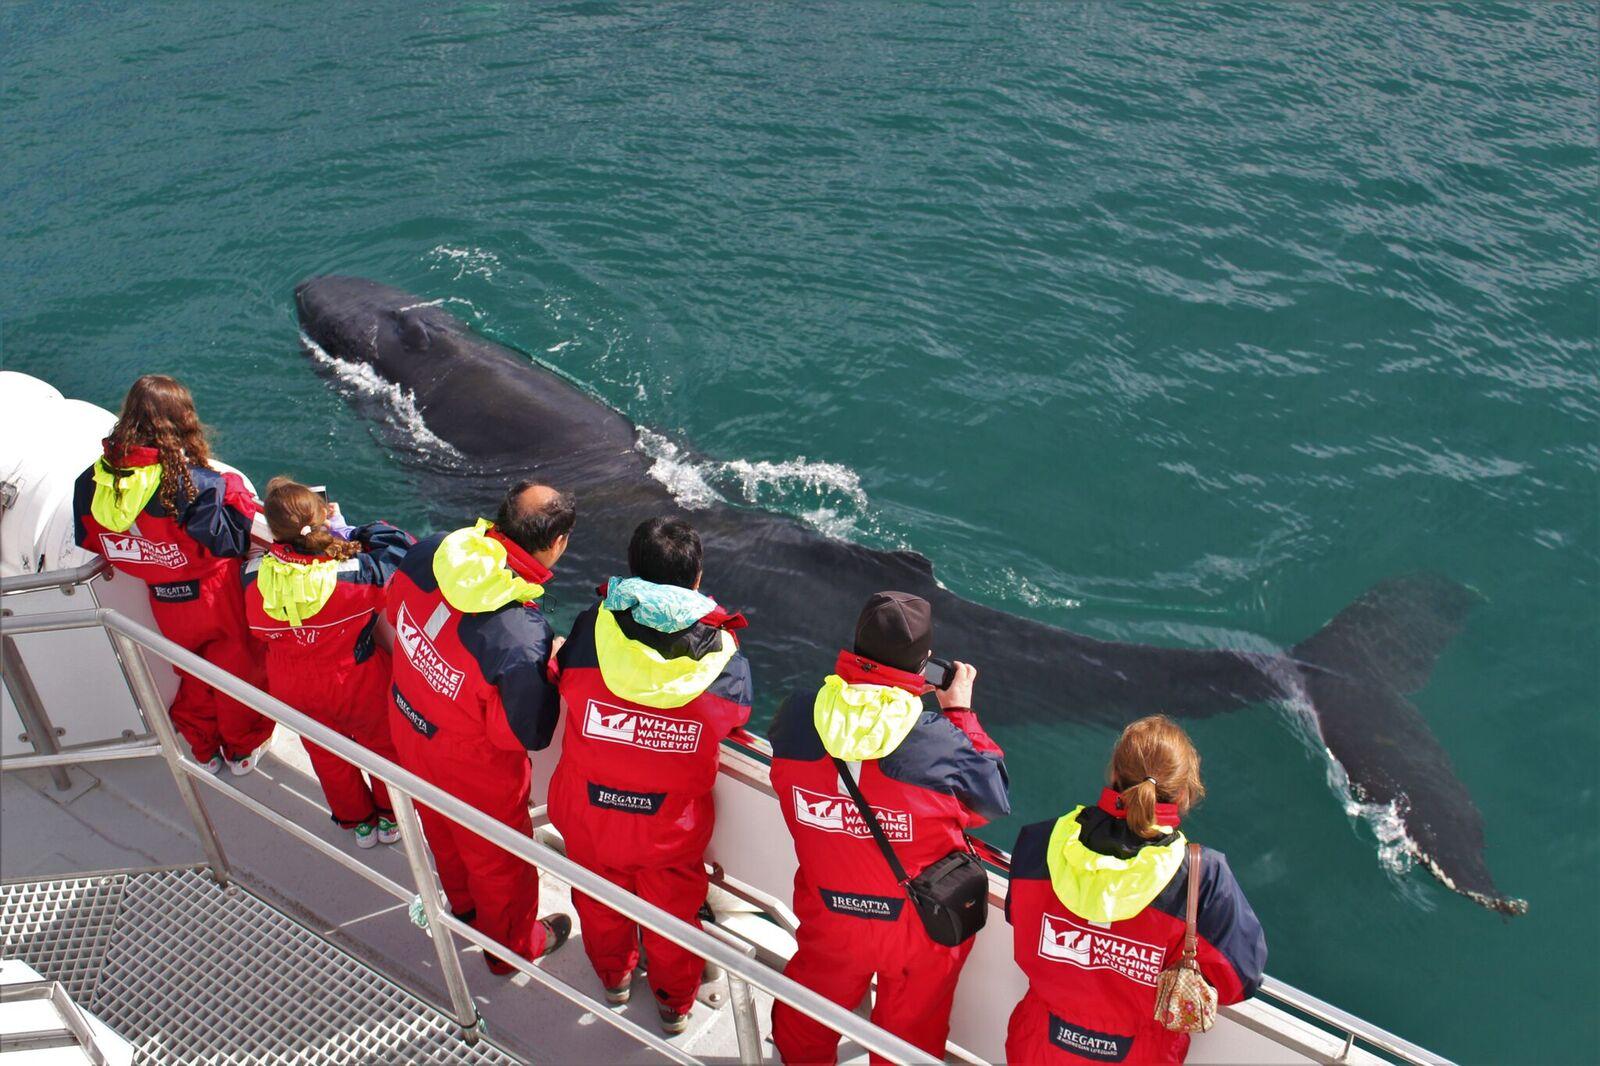 อุปกรณ์กันหนาวมีให้ในทัวร์ชมวาฬจากอาคูเรริย์